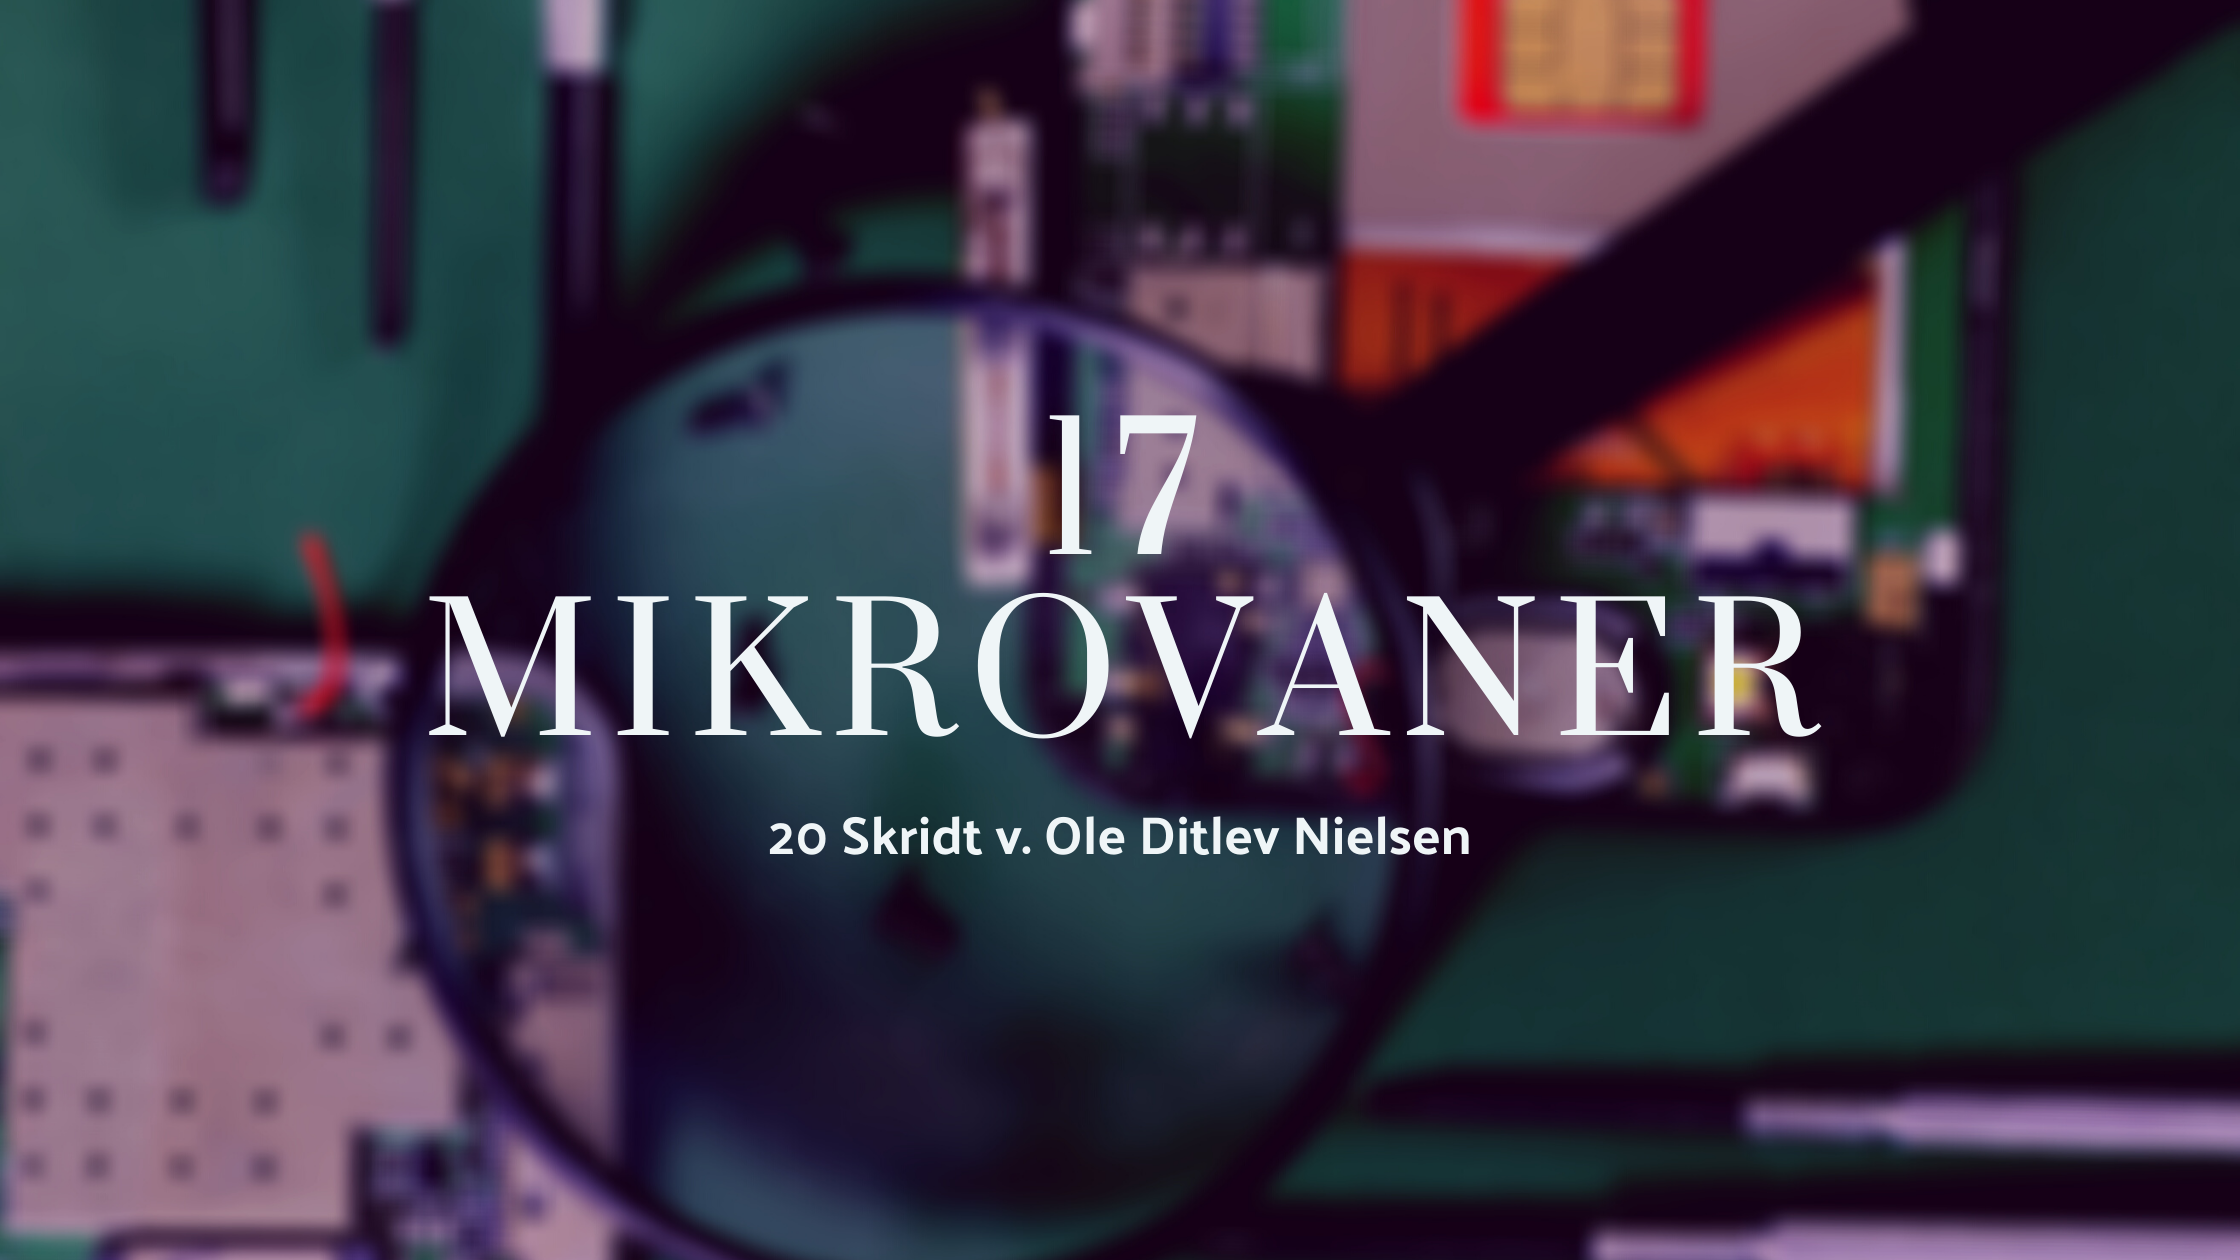 Mikrovaner